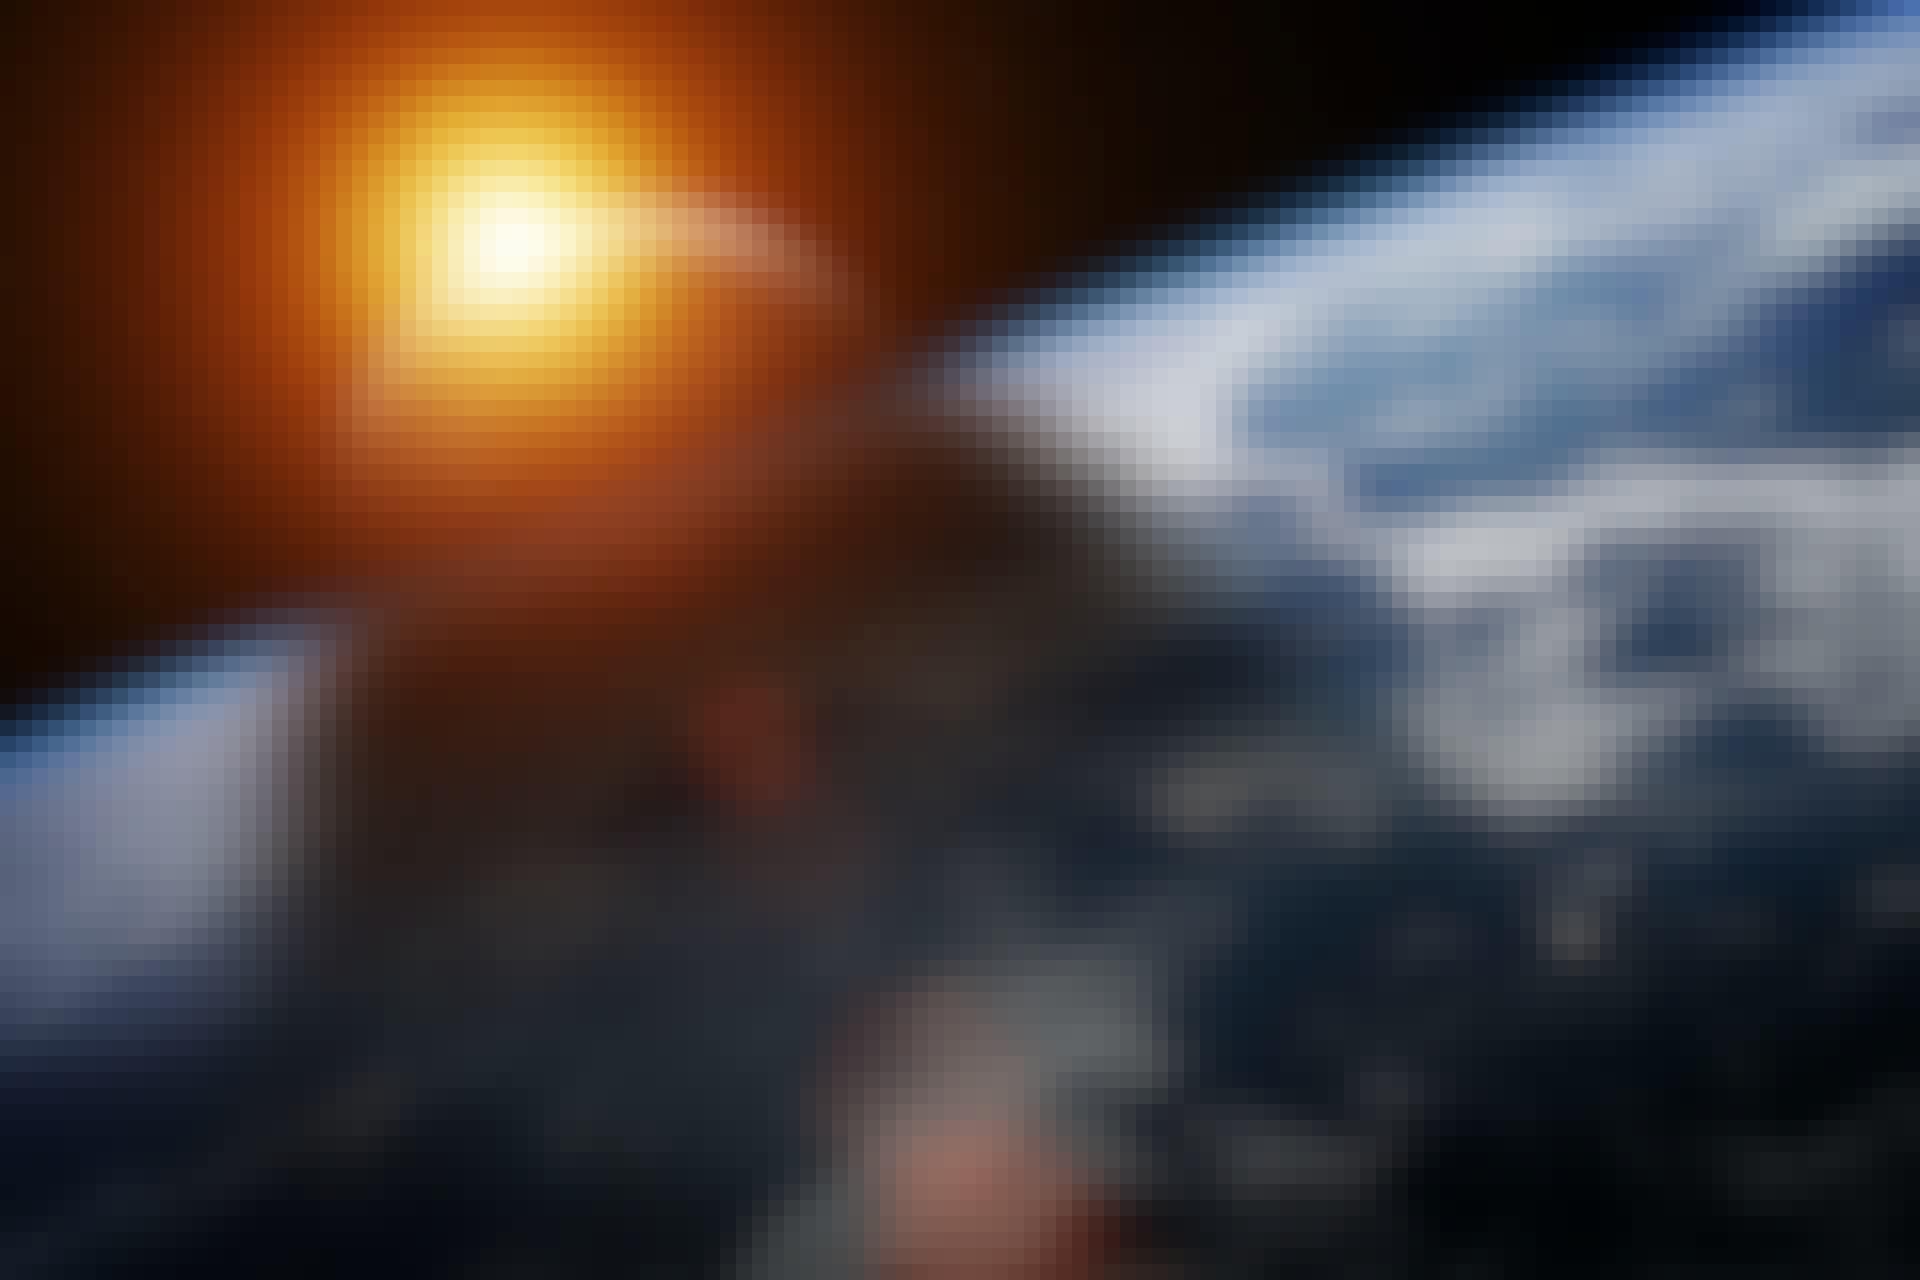 Hoe ontstaat een zonsverduistering?